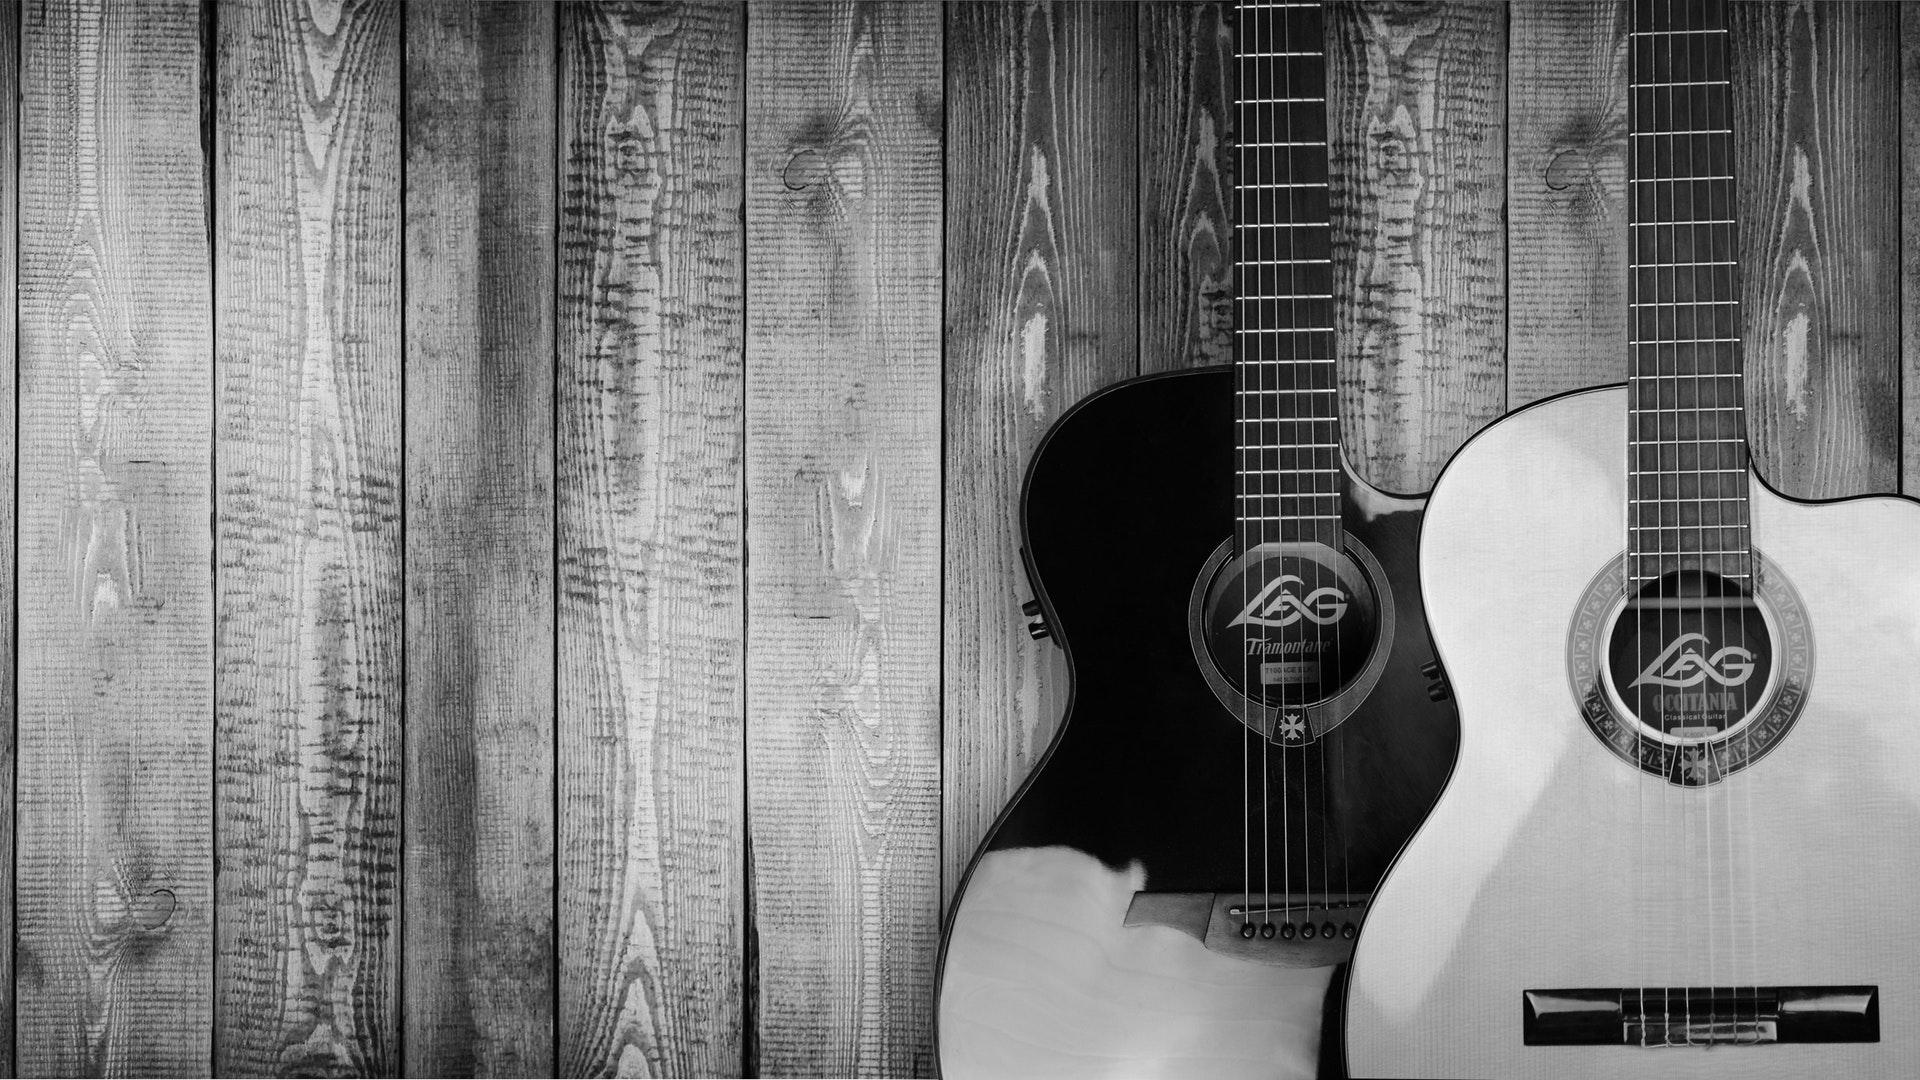 gitarrenständer-gitarren-an-der-wand-schwarz-weiß